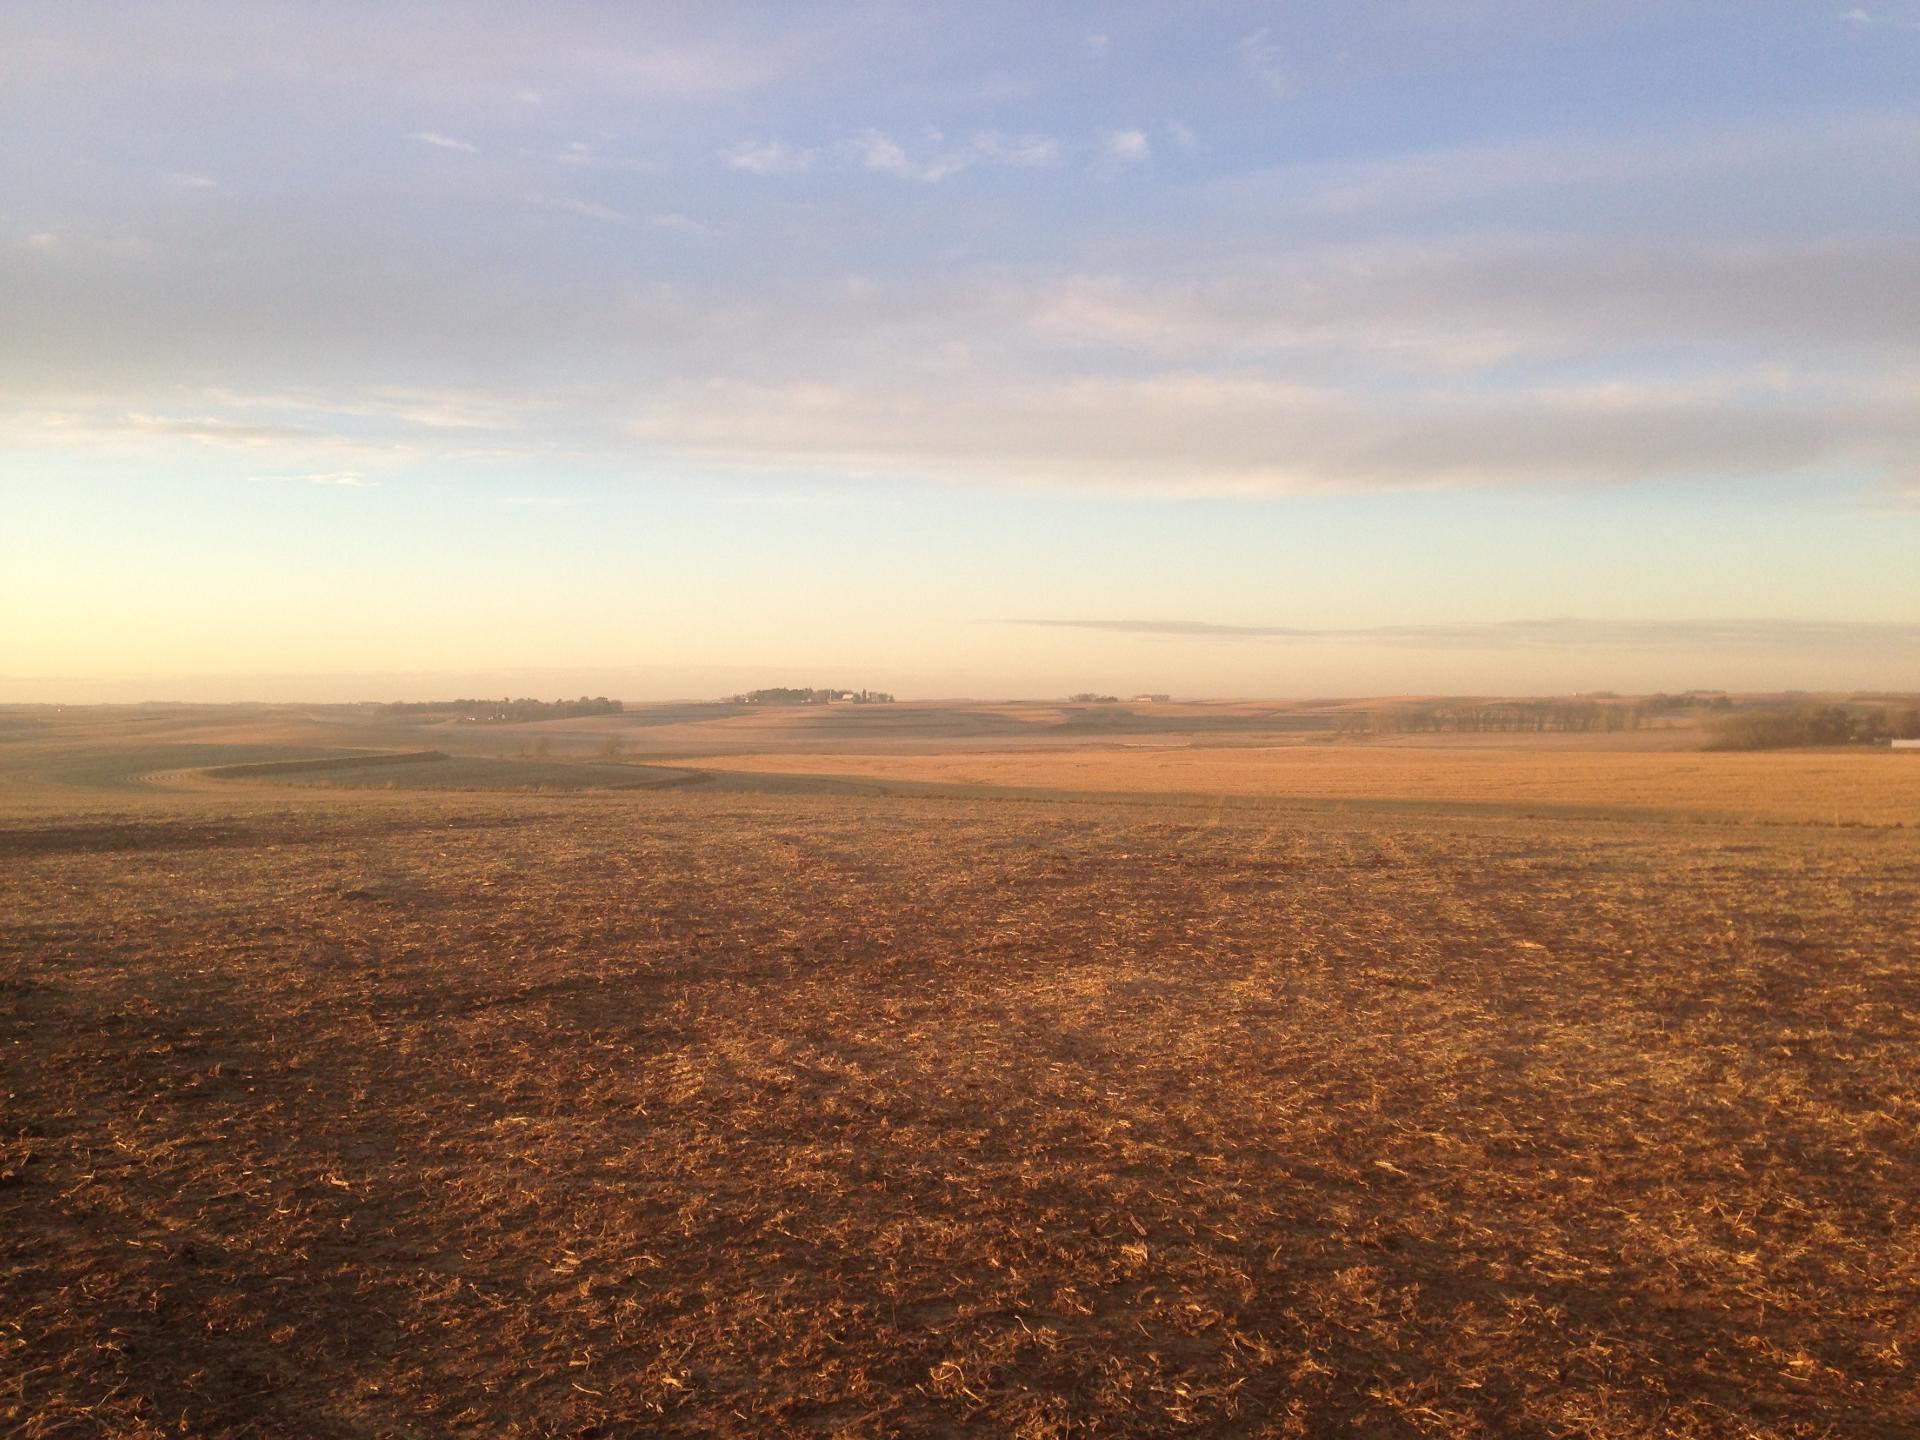 Soybean Field in Western Iowa